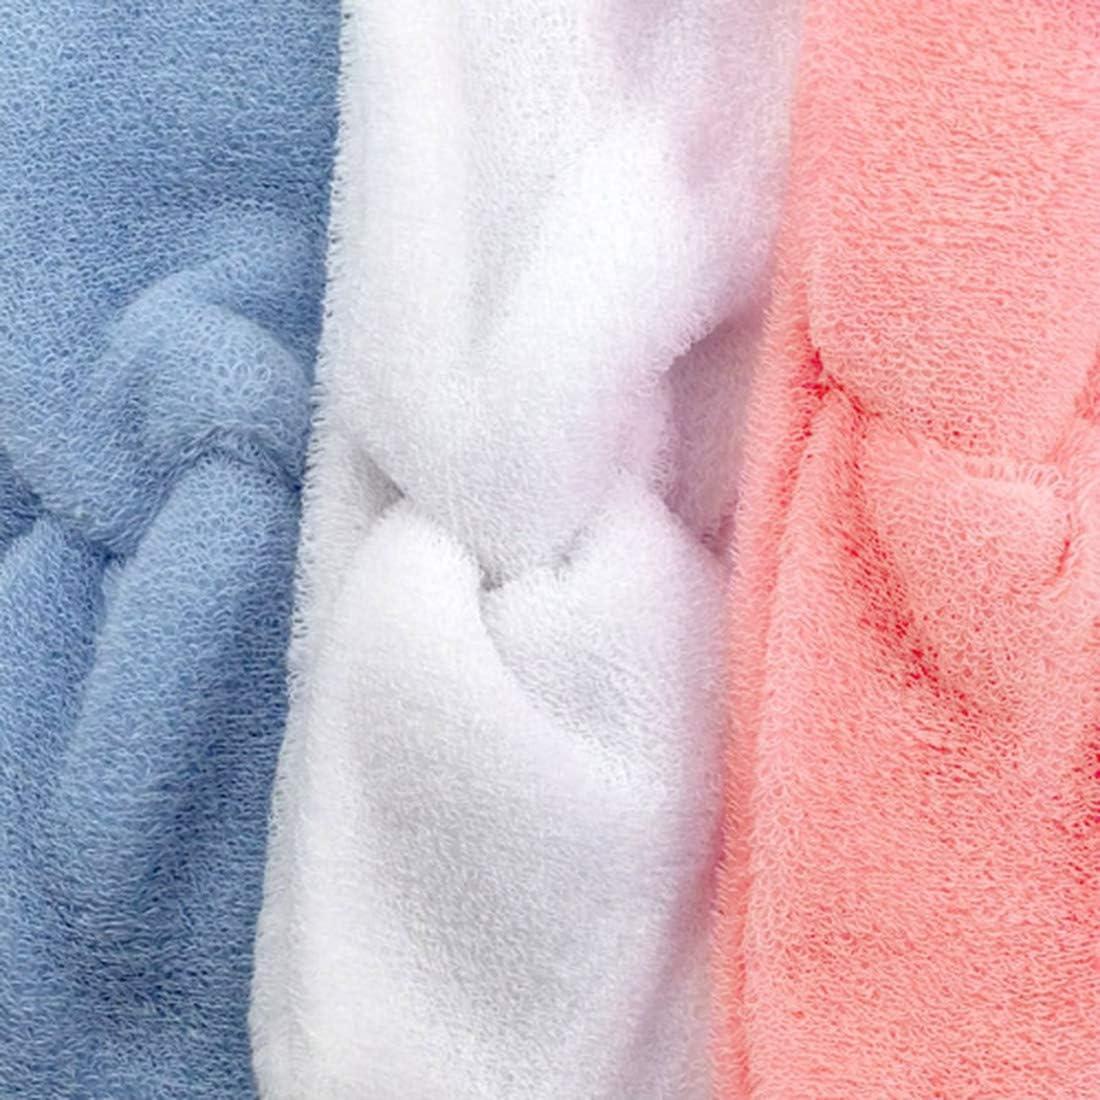 Fasce per capelli Rosa Fascia per capelli spugna di cotone made in Italy cm 7 con nodo centrale 1110